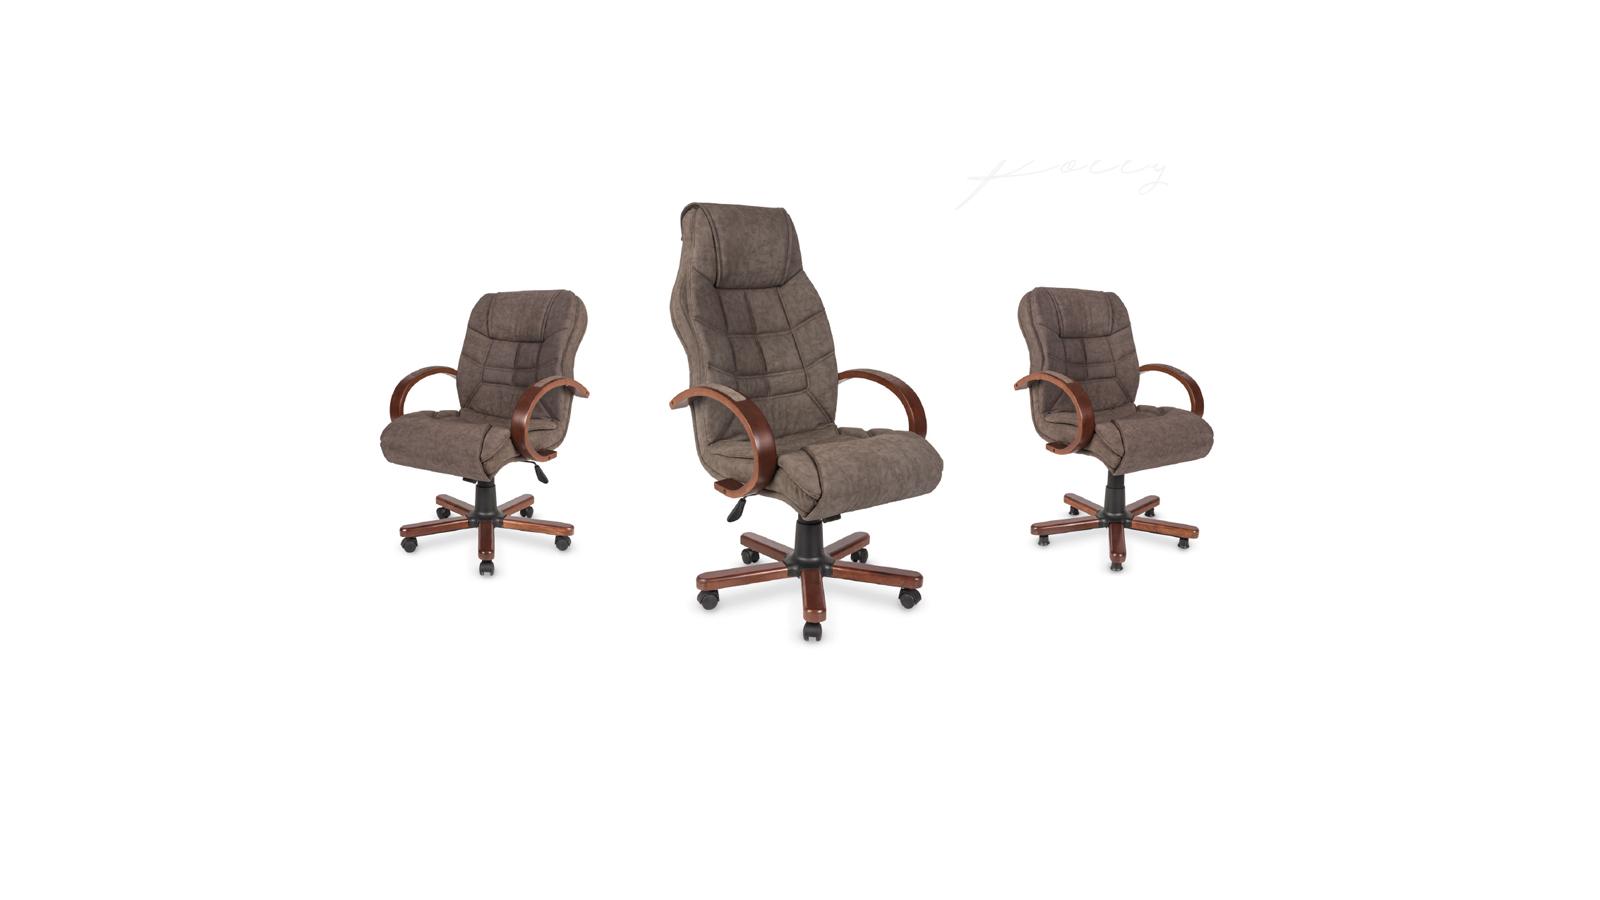 Polly Ofis Sandalyeleri